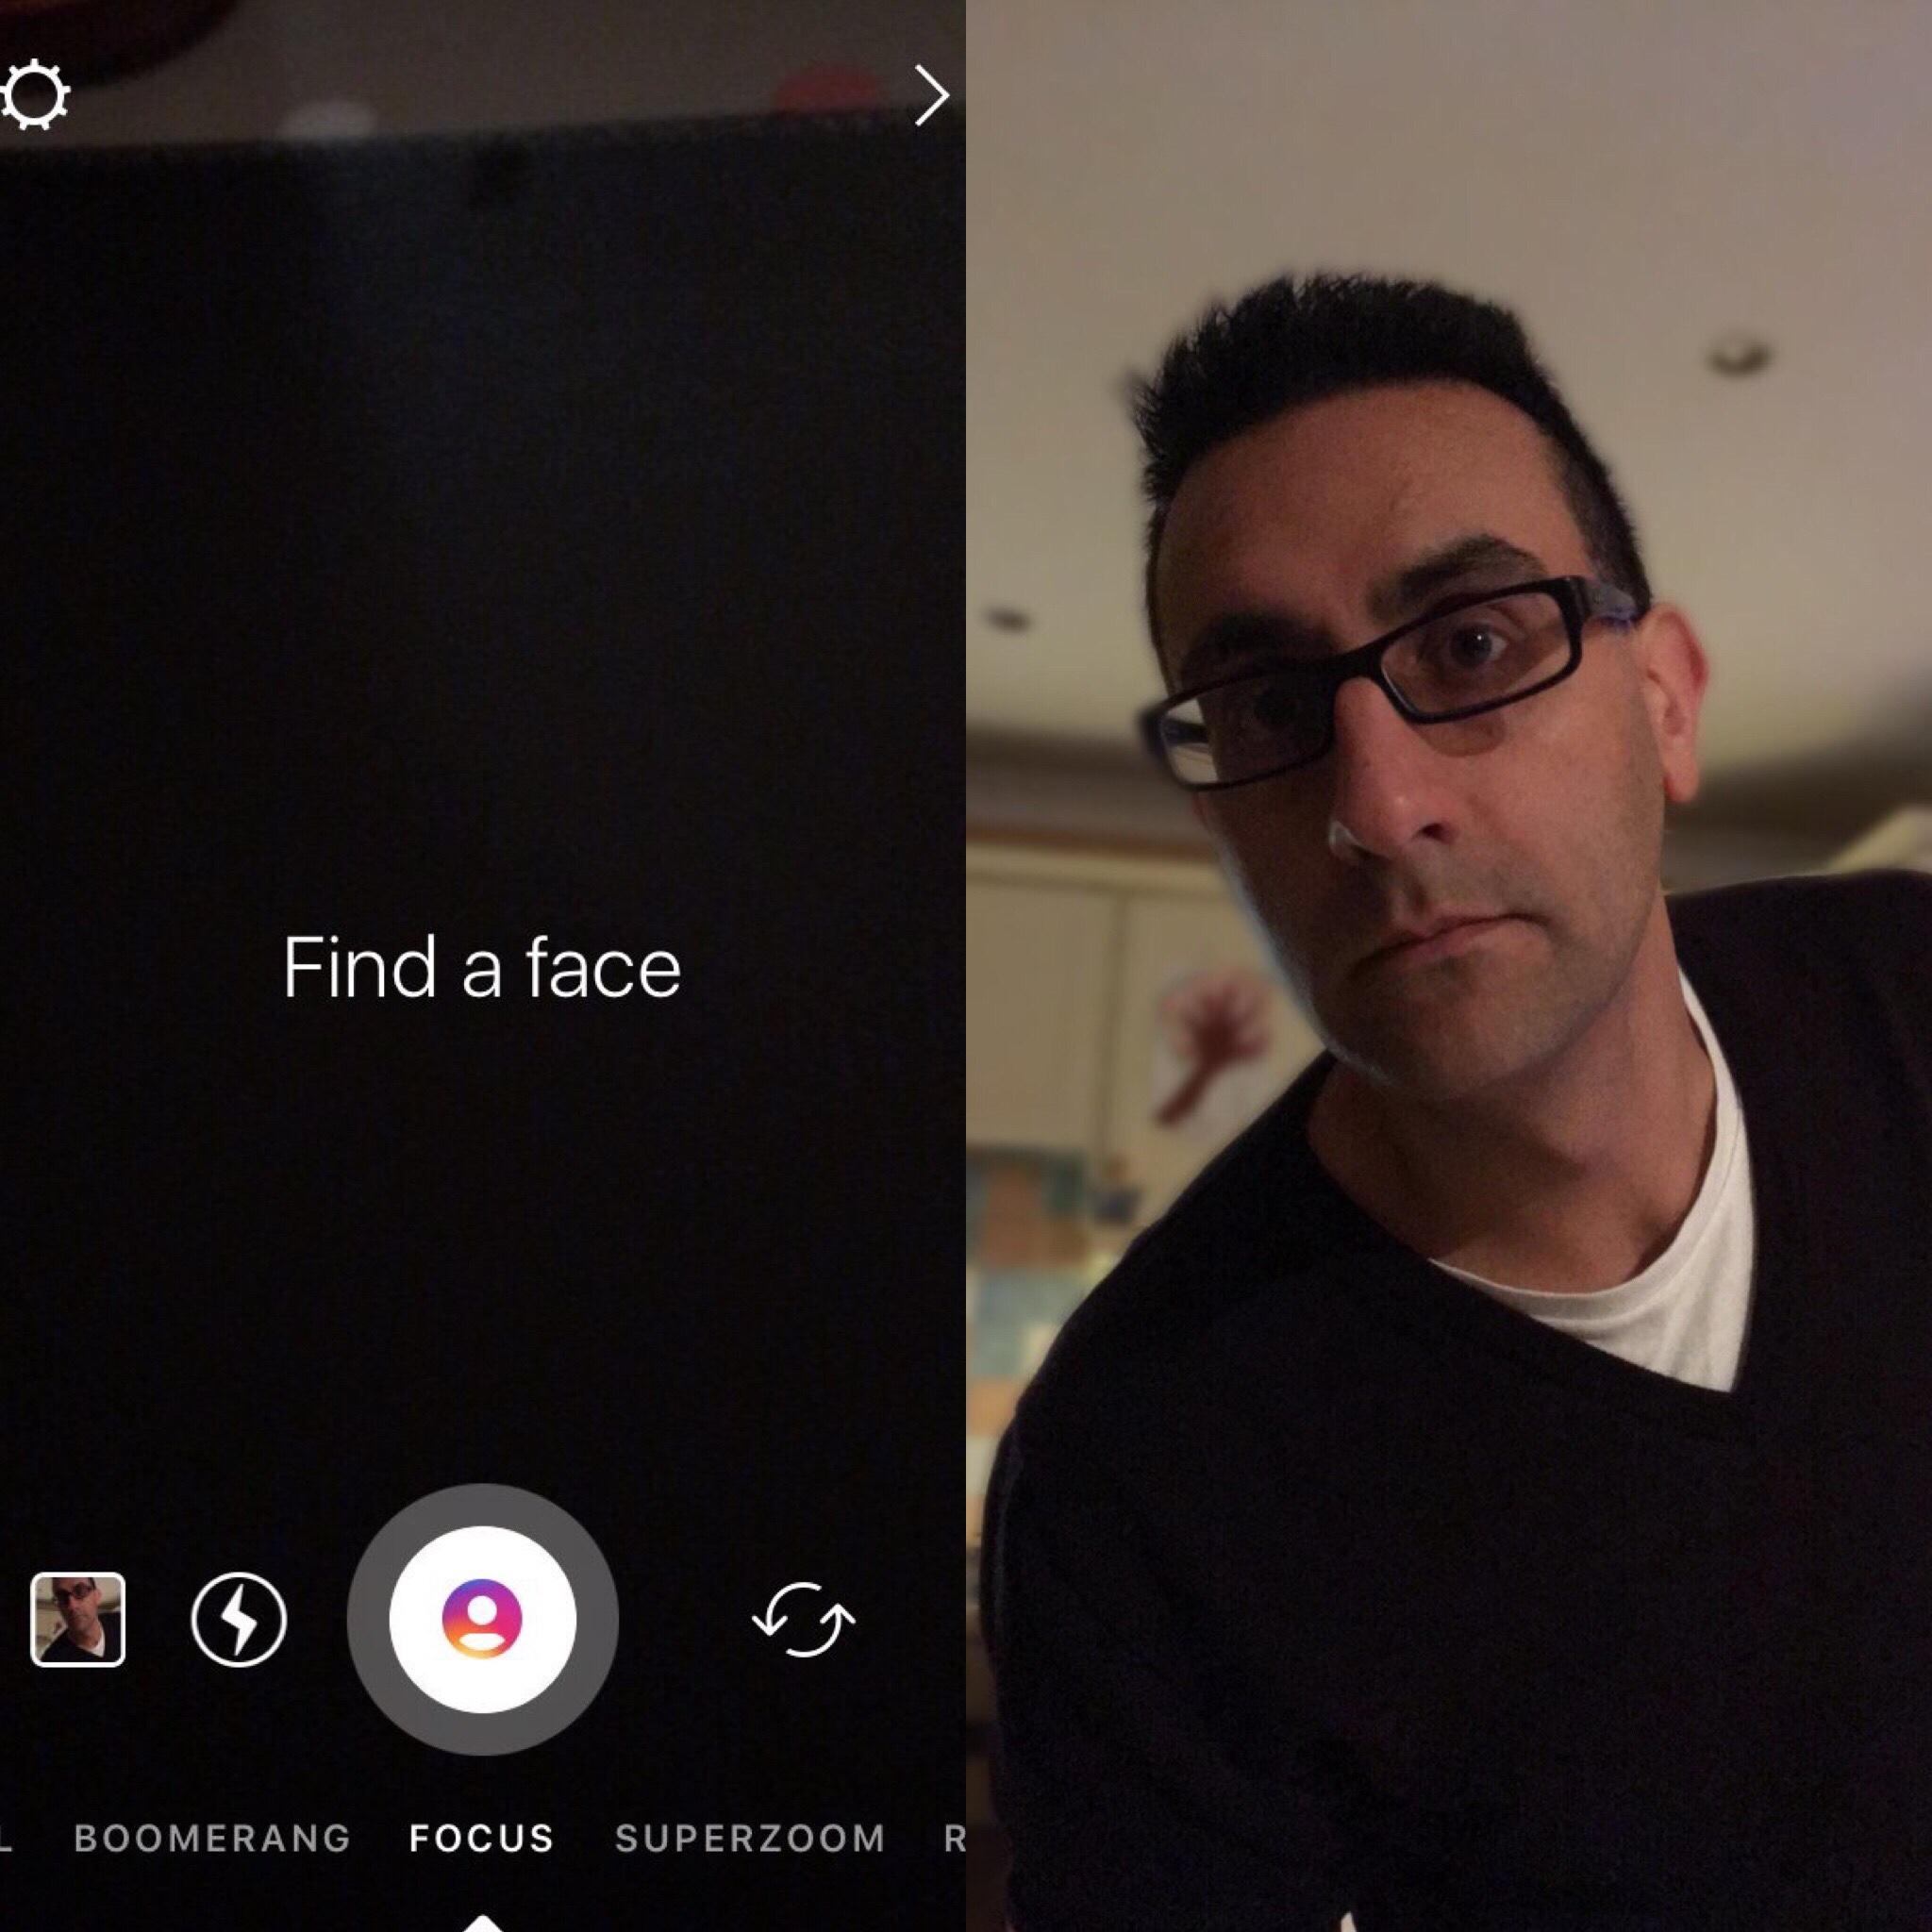 Possível modo Retrato a ser incluído no Instagram